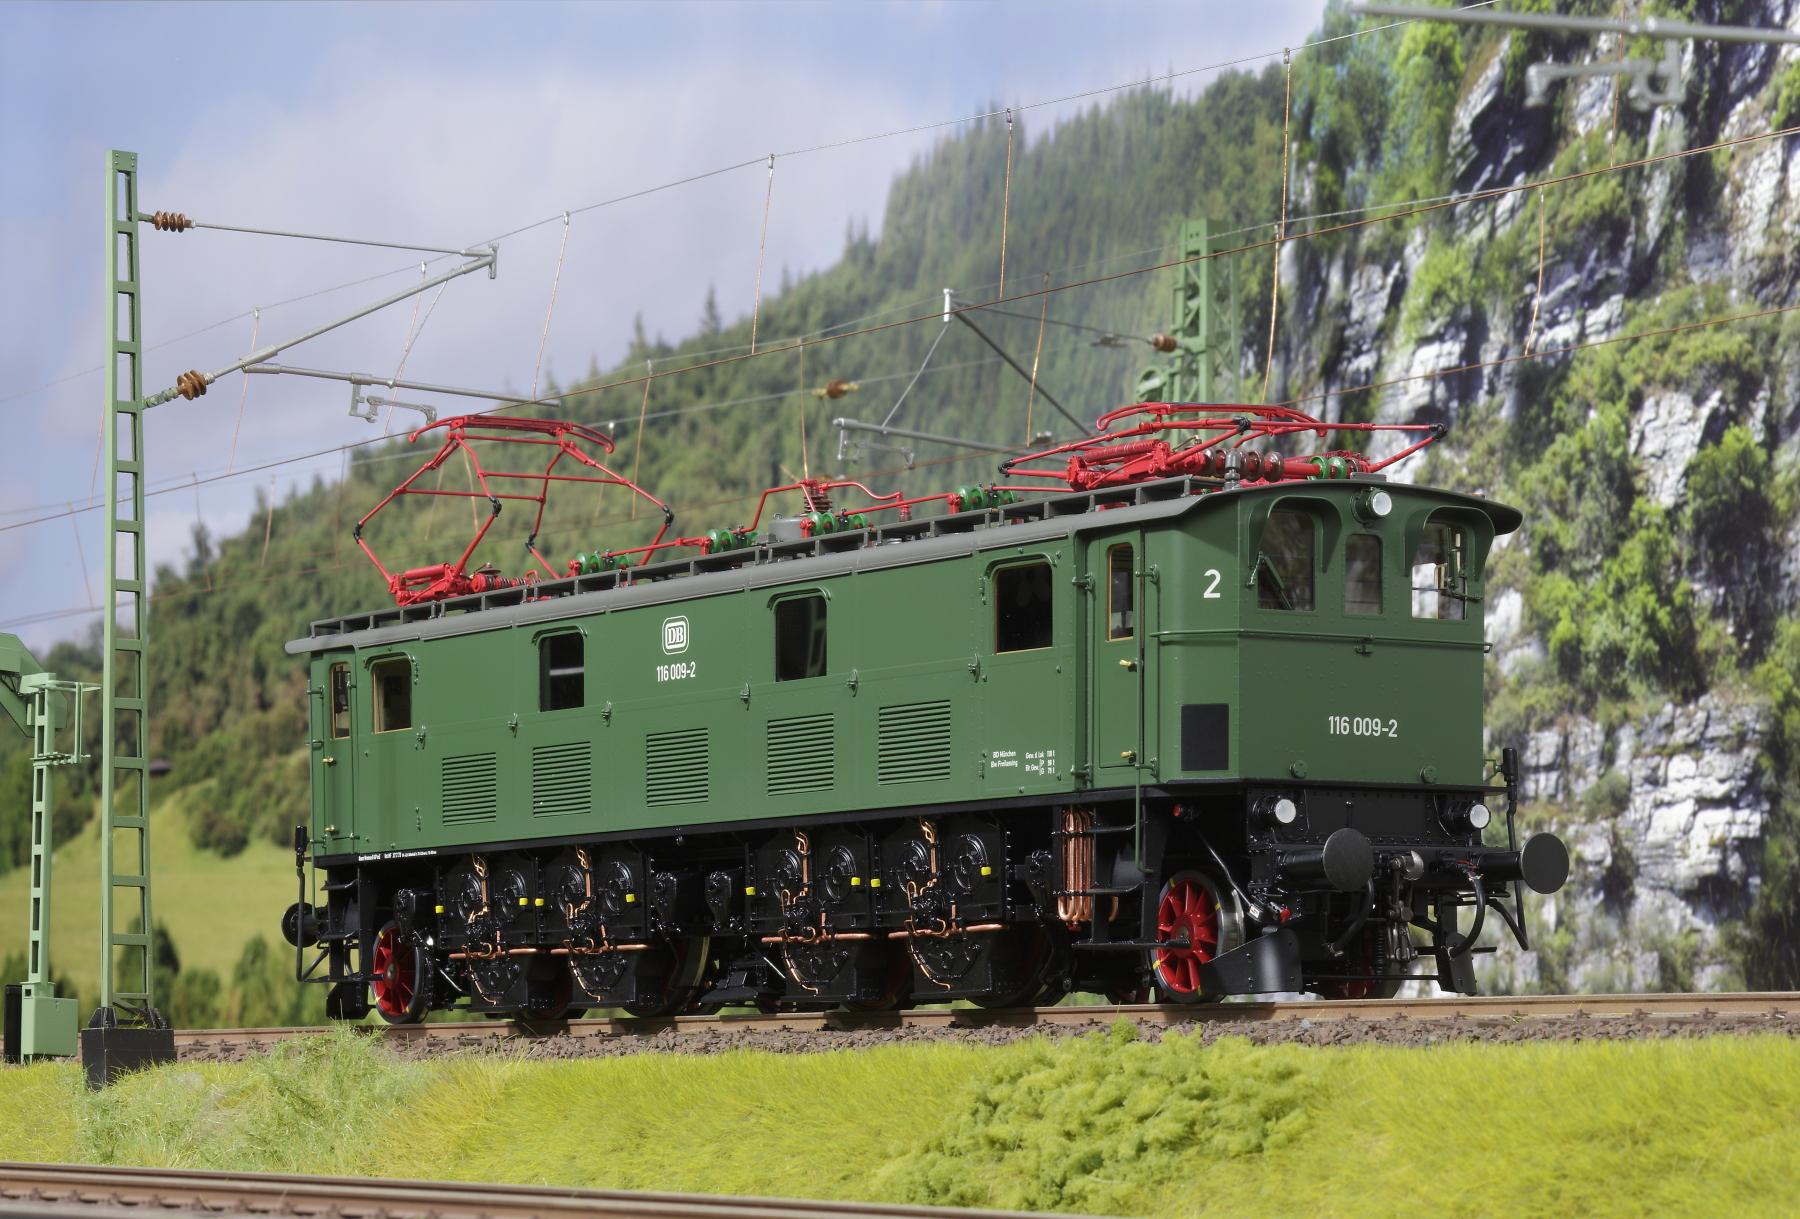 Spur 1 Lokomotive Baureihe E 116 009-2 Epoche IV chromoxidgrün